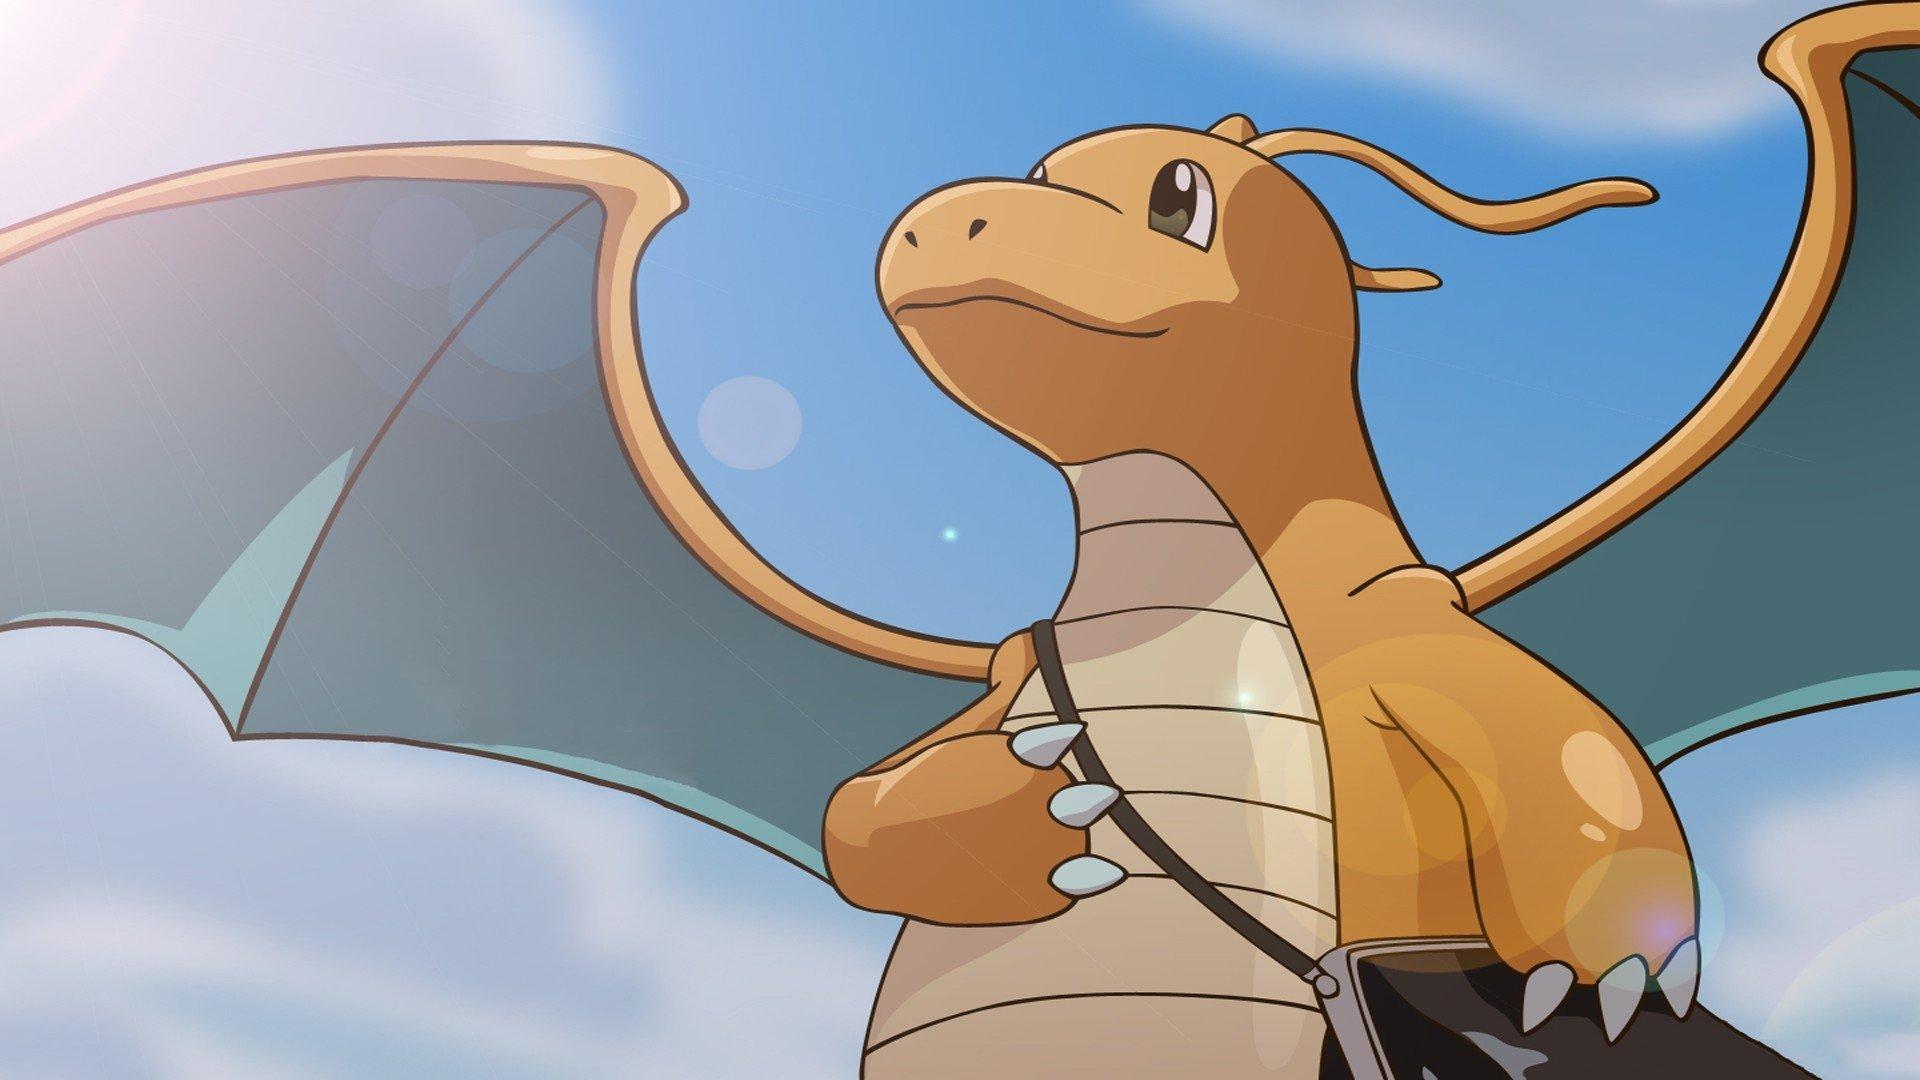 dragonite_6